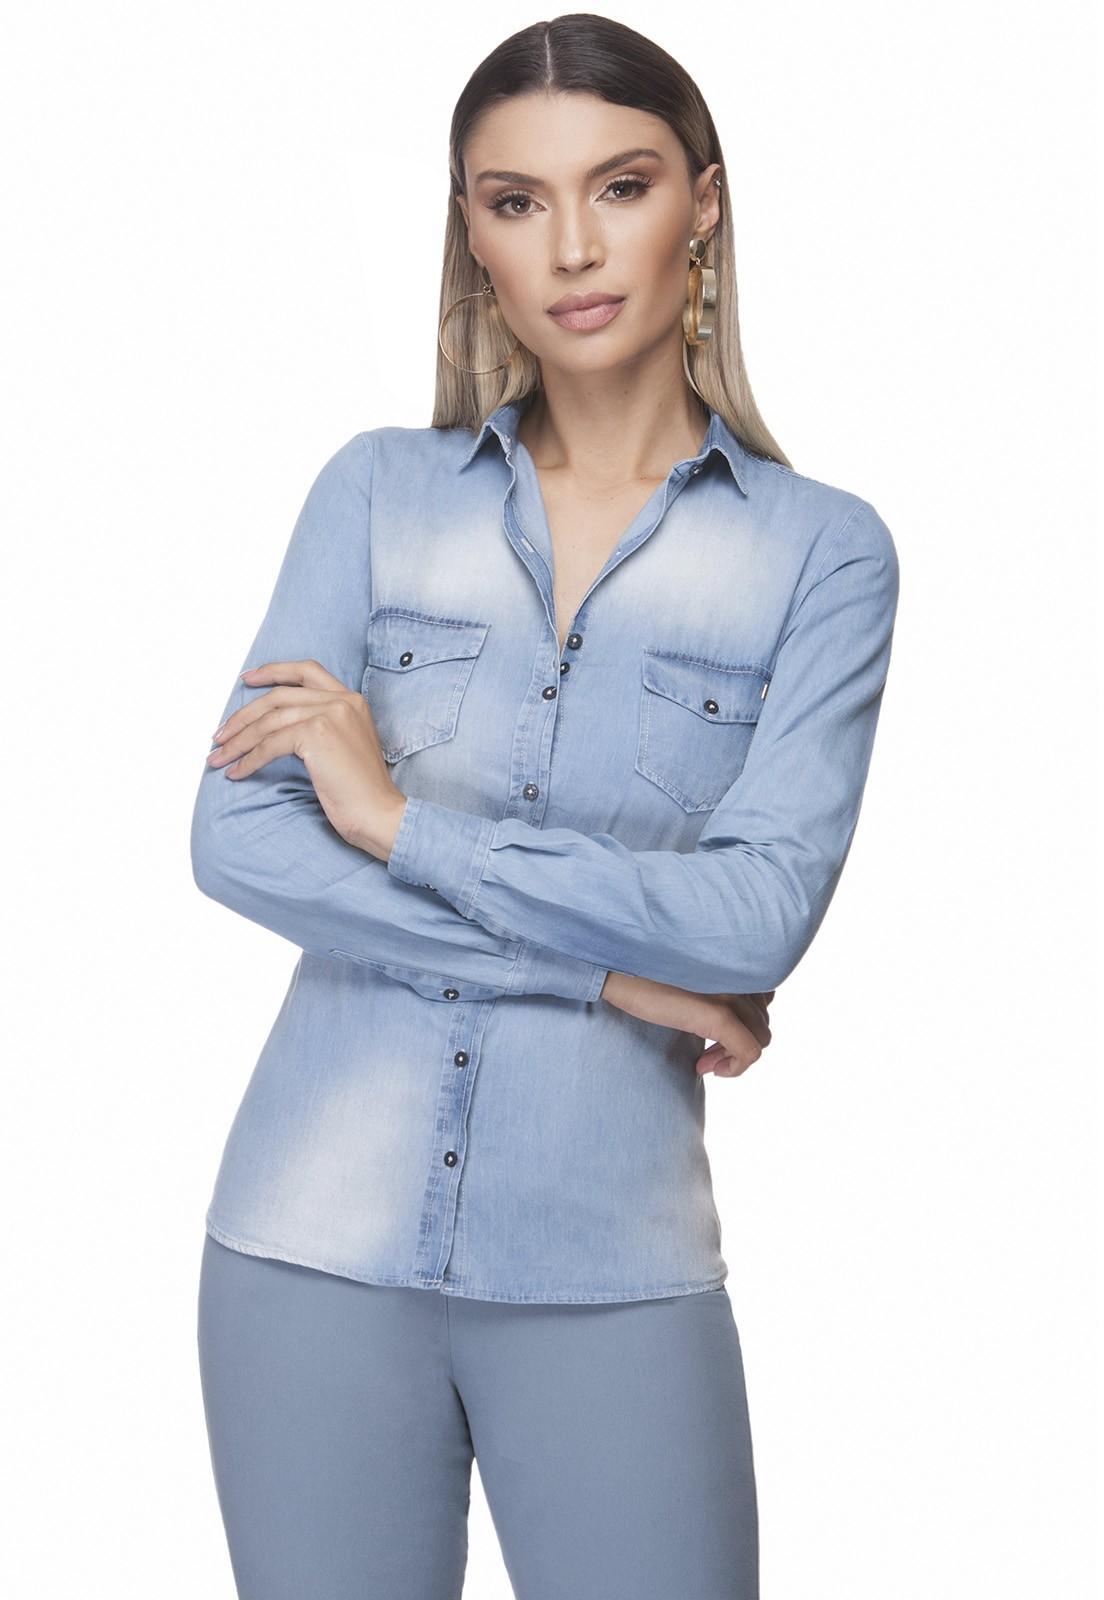 Camisa Jeans Zaiko Bolso Manga Longa 2403